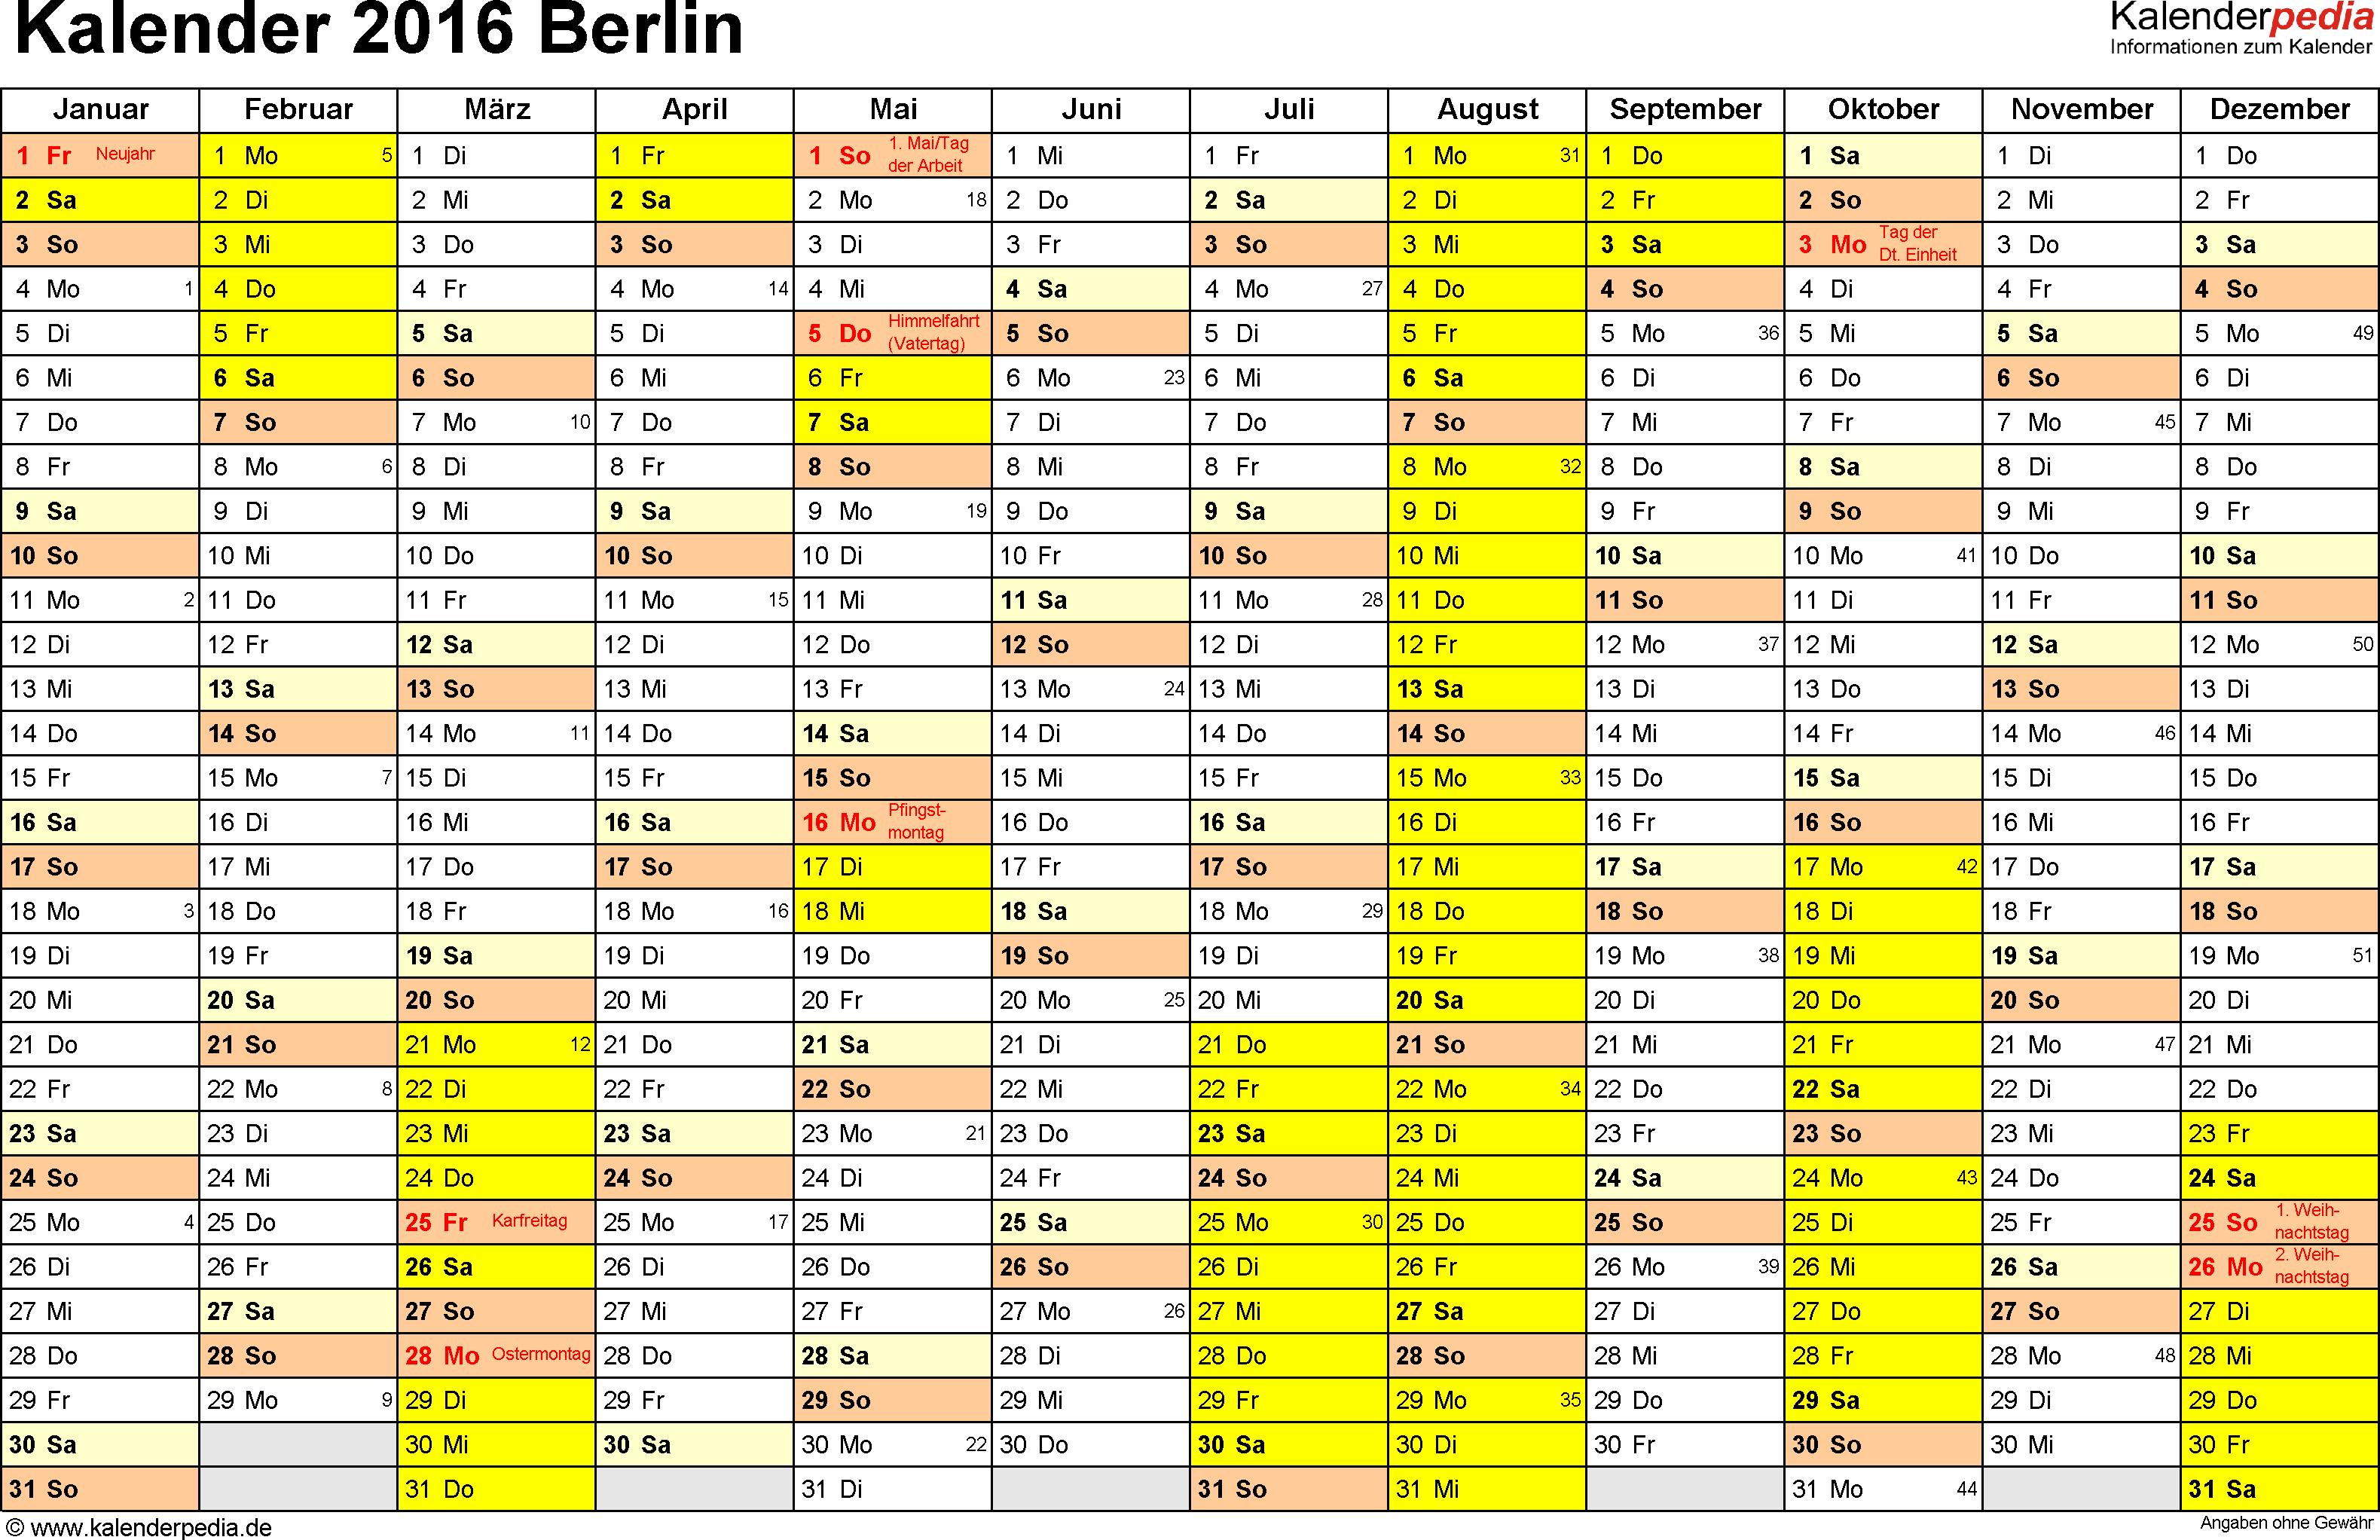 Vorlage 1: Kalender 2016 für Berlin als PDF-Vorlage (Querformat, 1 Seite)